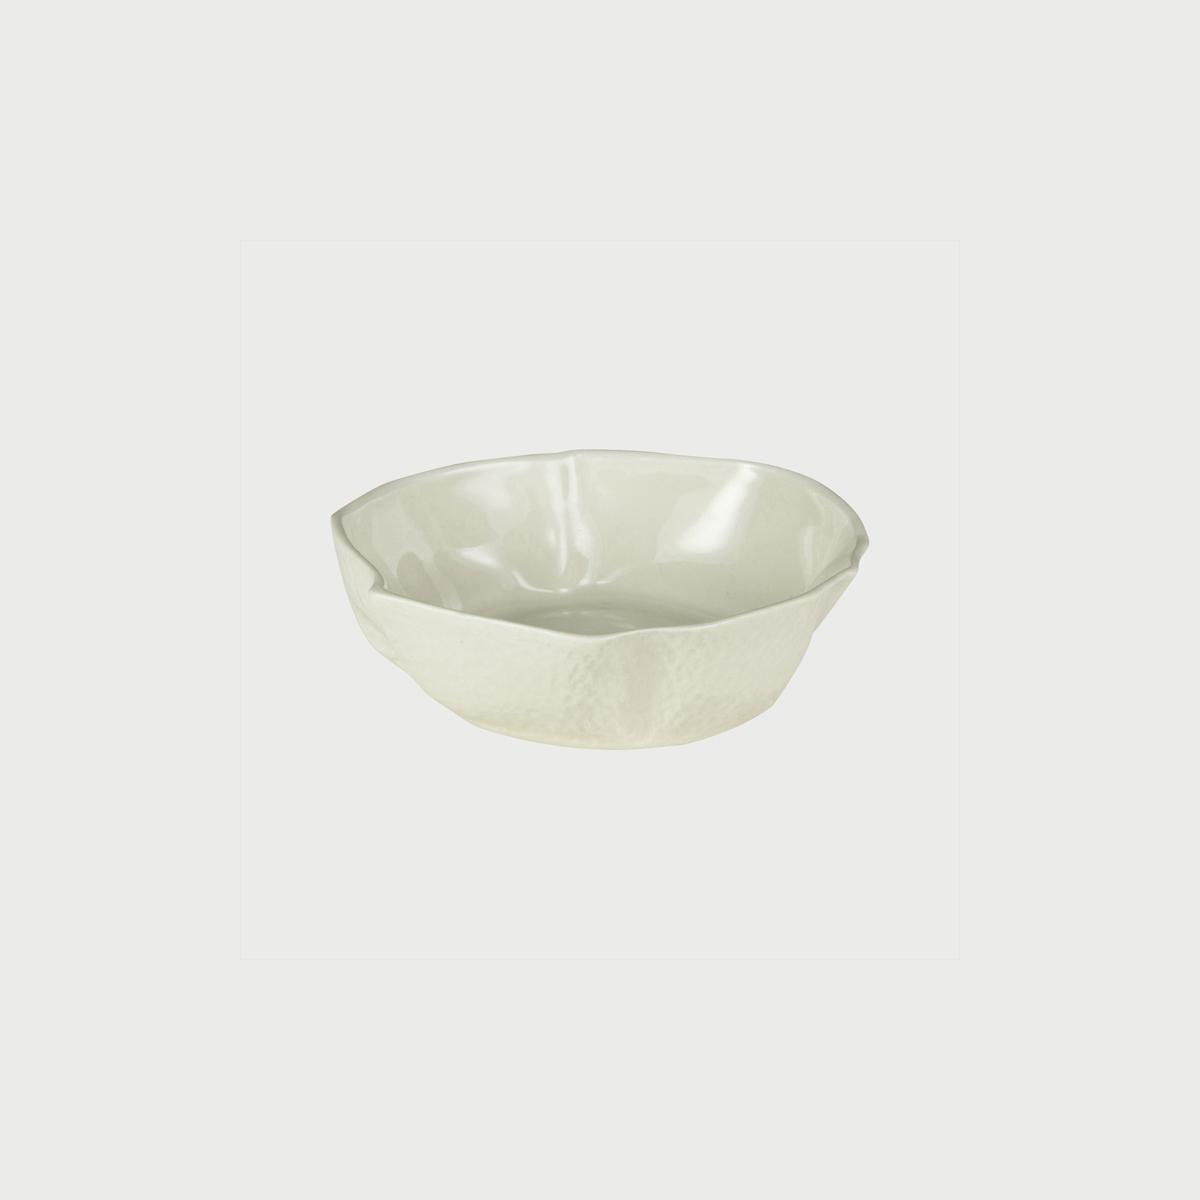 Kawa-Dish-LuftTanaka-Souda-3_copy.jpg